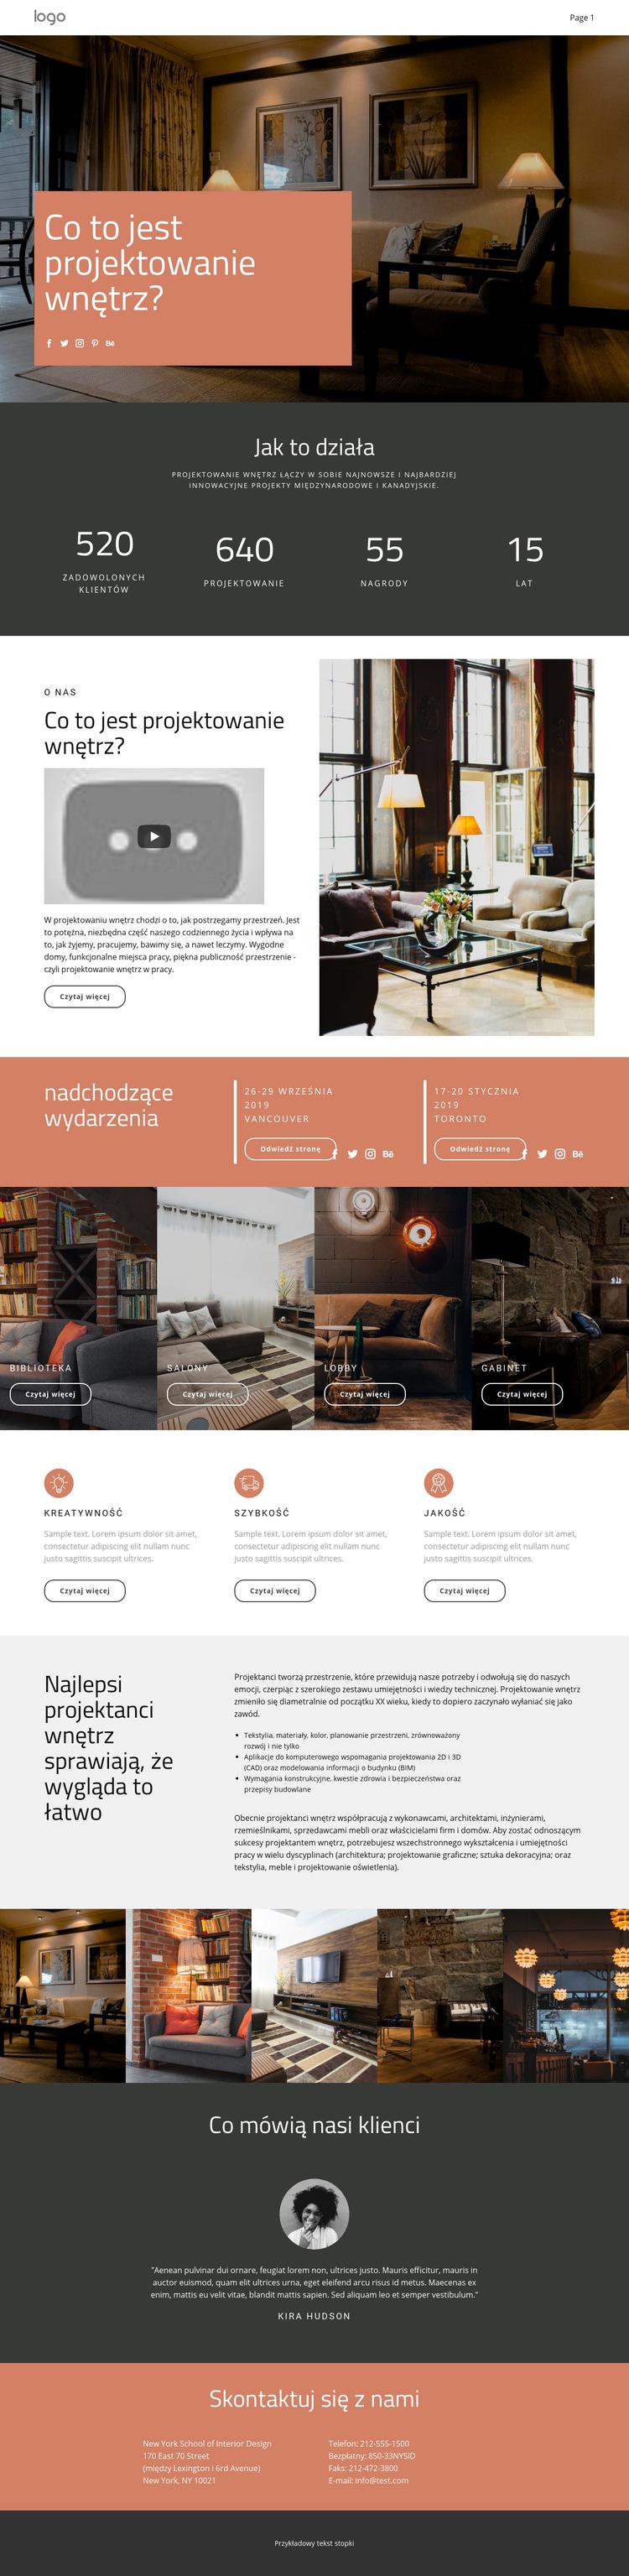 Projektowanie domów i mieszkań Szablon witryny sieci Web